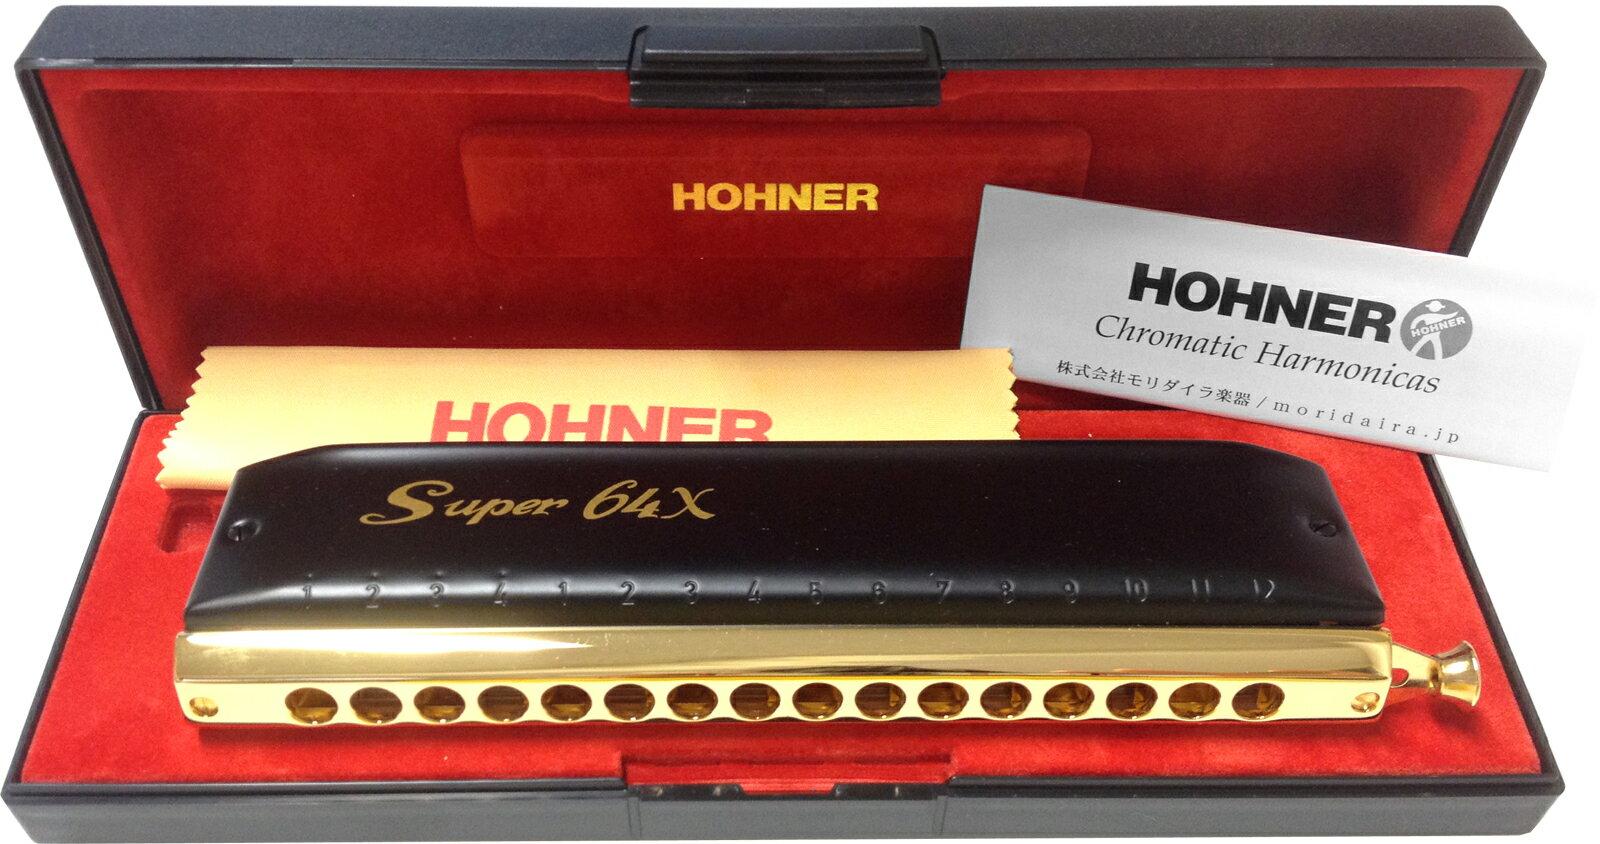 ホーナー スーパー64X スライド式 クロマチックハーモニカ 7584/64 HOHNER Super-64X 16穴 ドイツ製 正規品 C調 Chromatic Harmonica 透明ボディ ブラックステイン カバー ハモニカ ケース 付